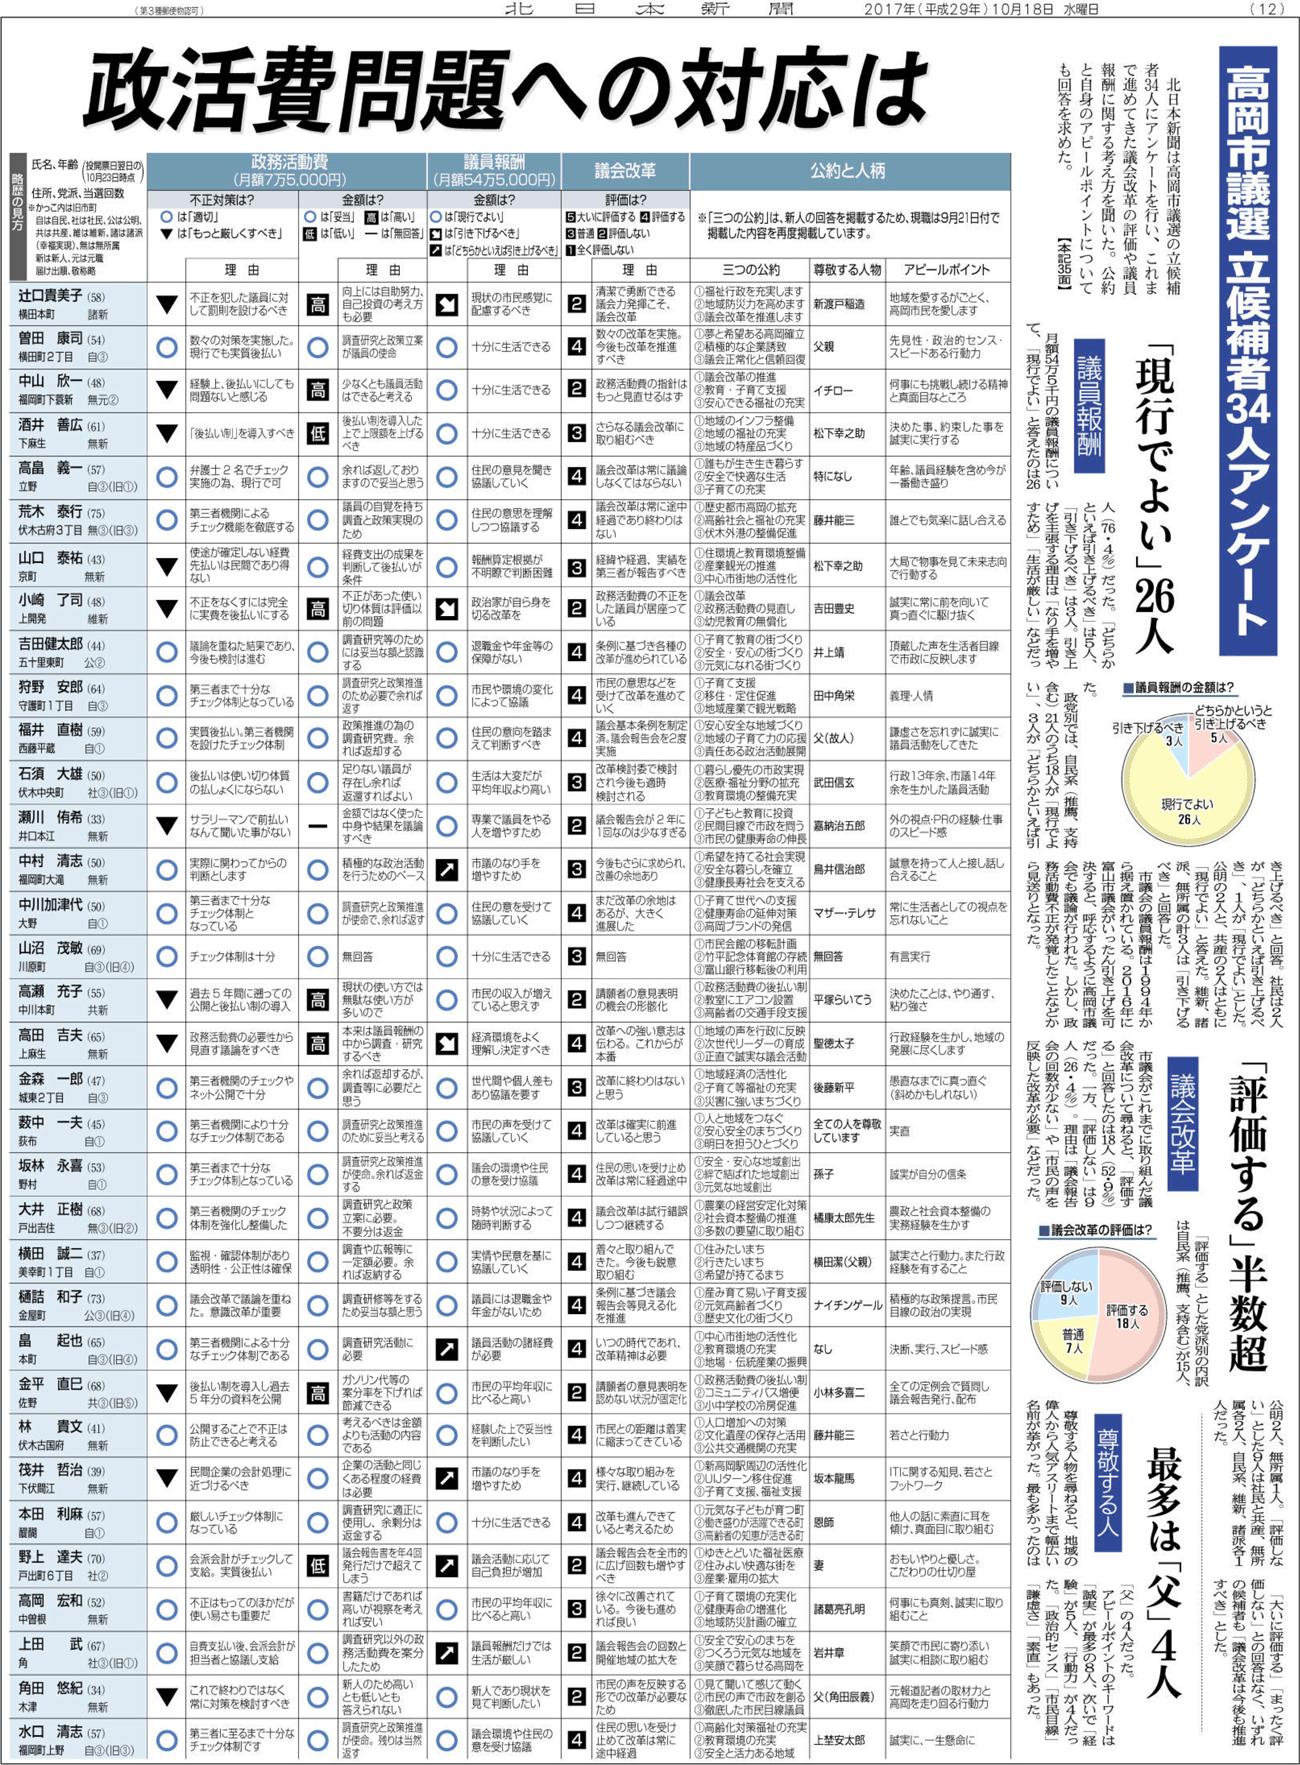 高岡市議会議員選挙2017の立候補者へのアンケート